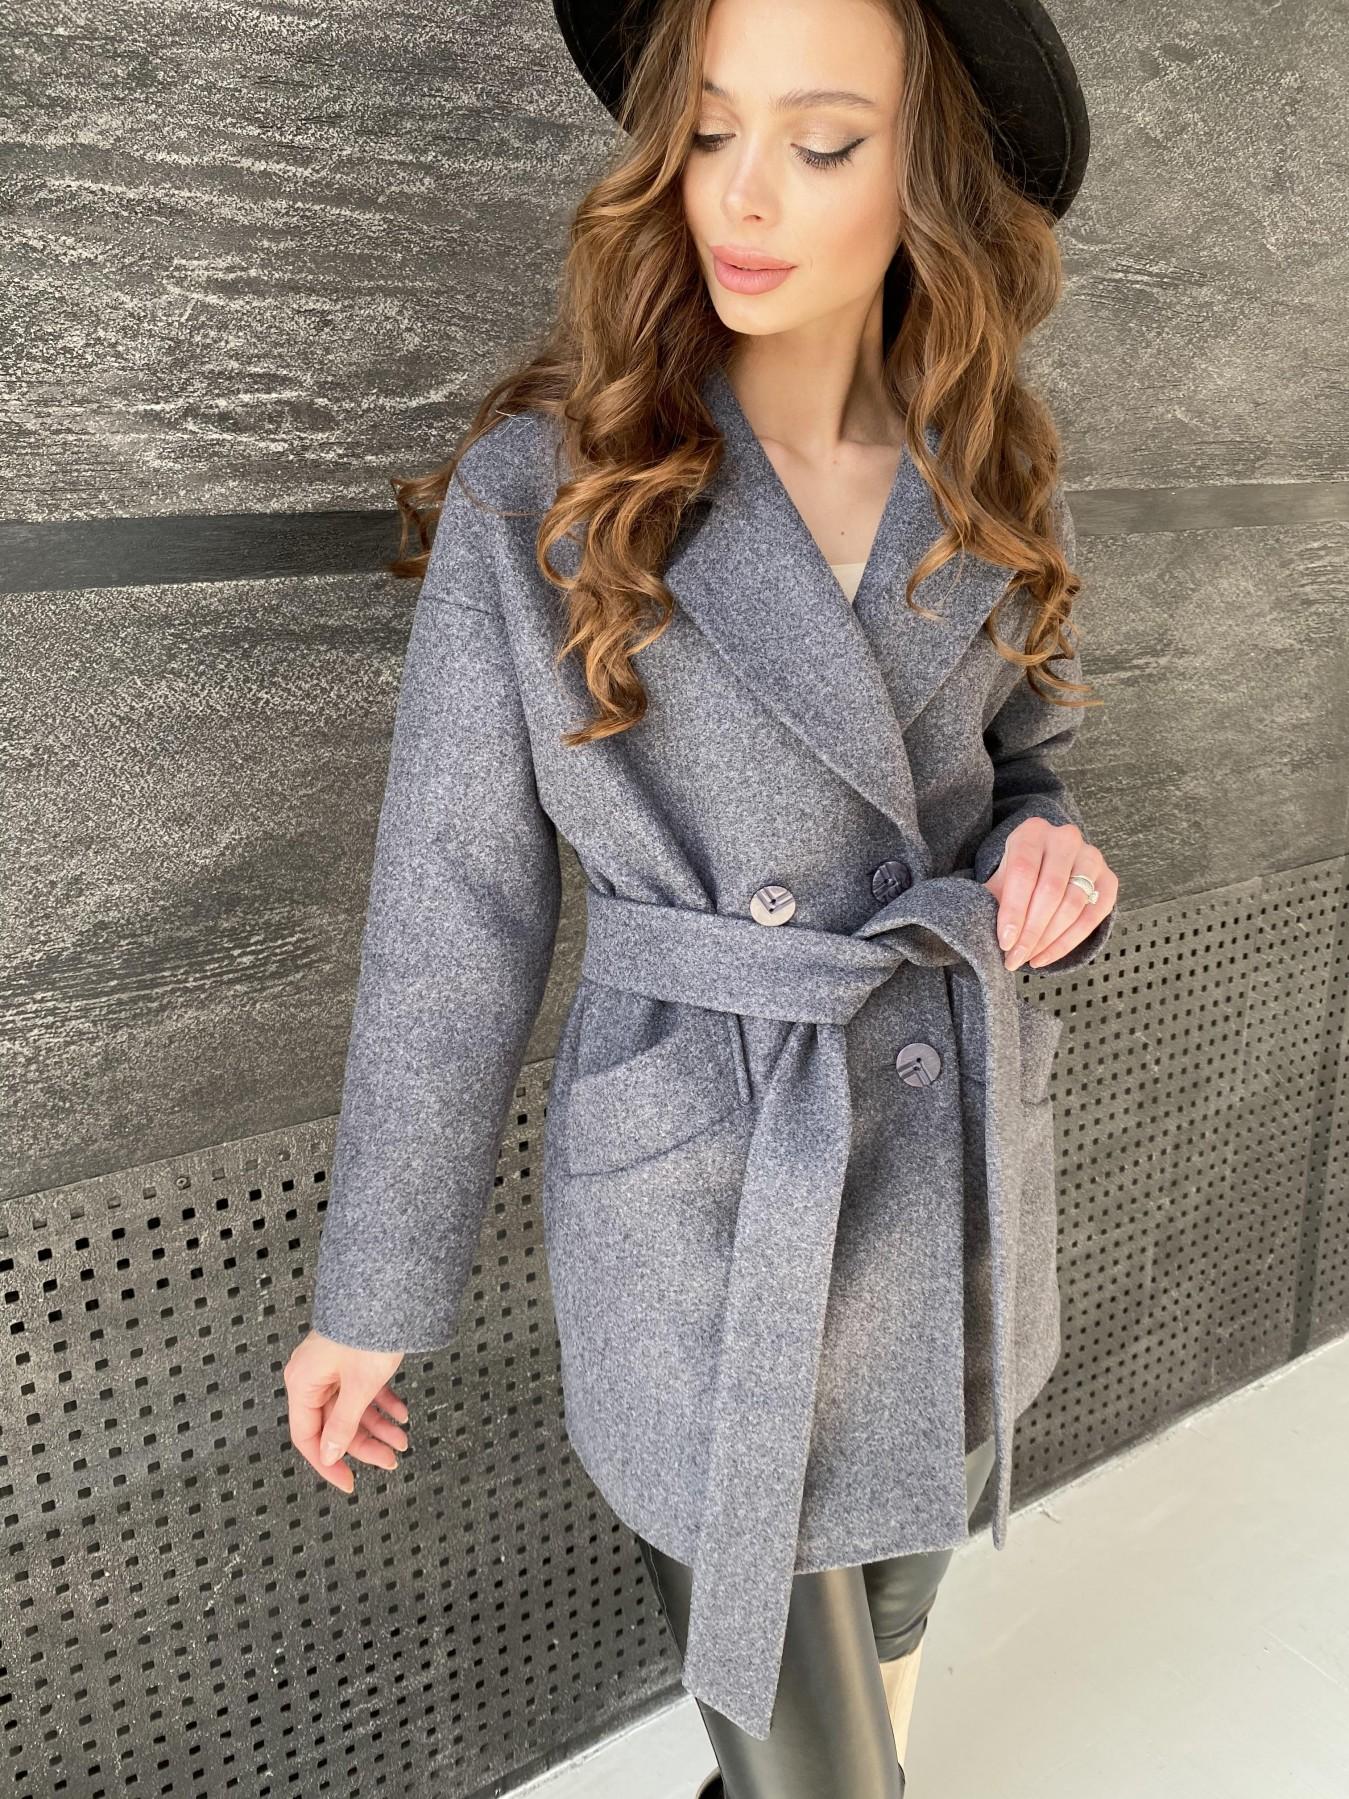 Бонд пальто  кашемировое меланж на трикотаже  10644 АРТ. 47182 Цвет: графит меланж - фото 3, интернет магазин tm-modus.ru